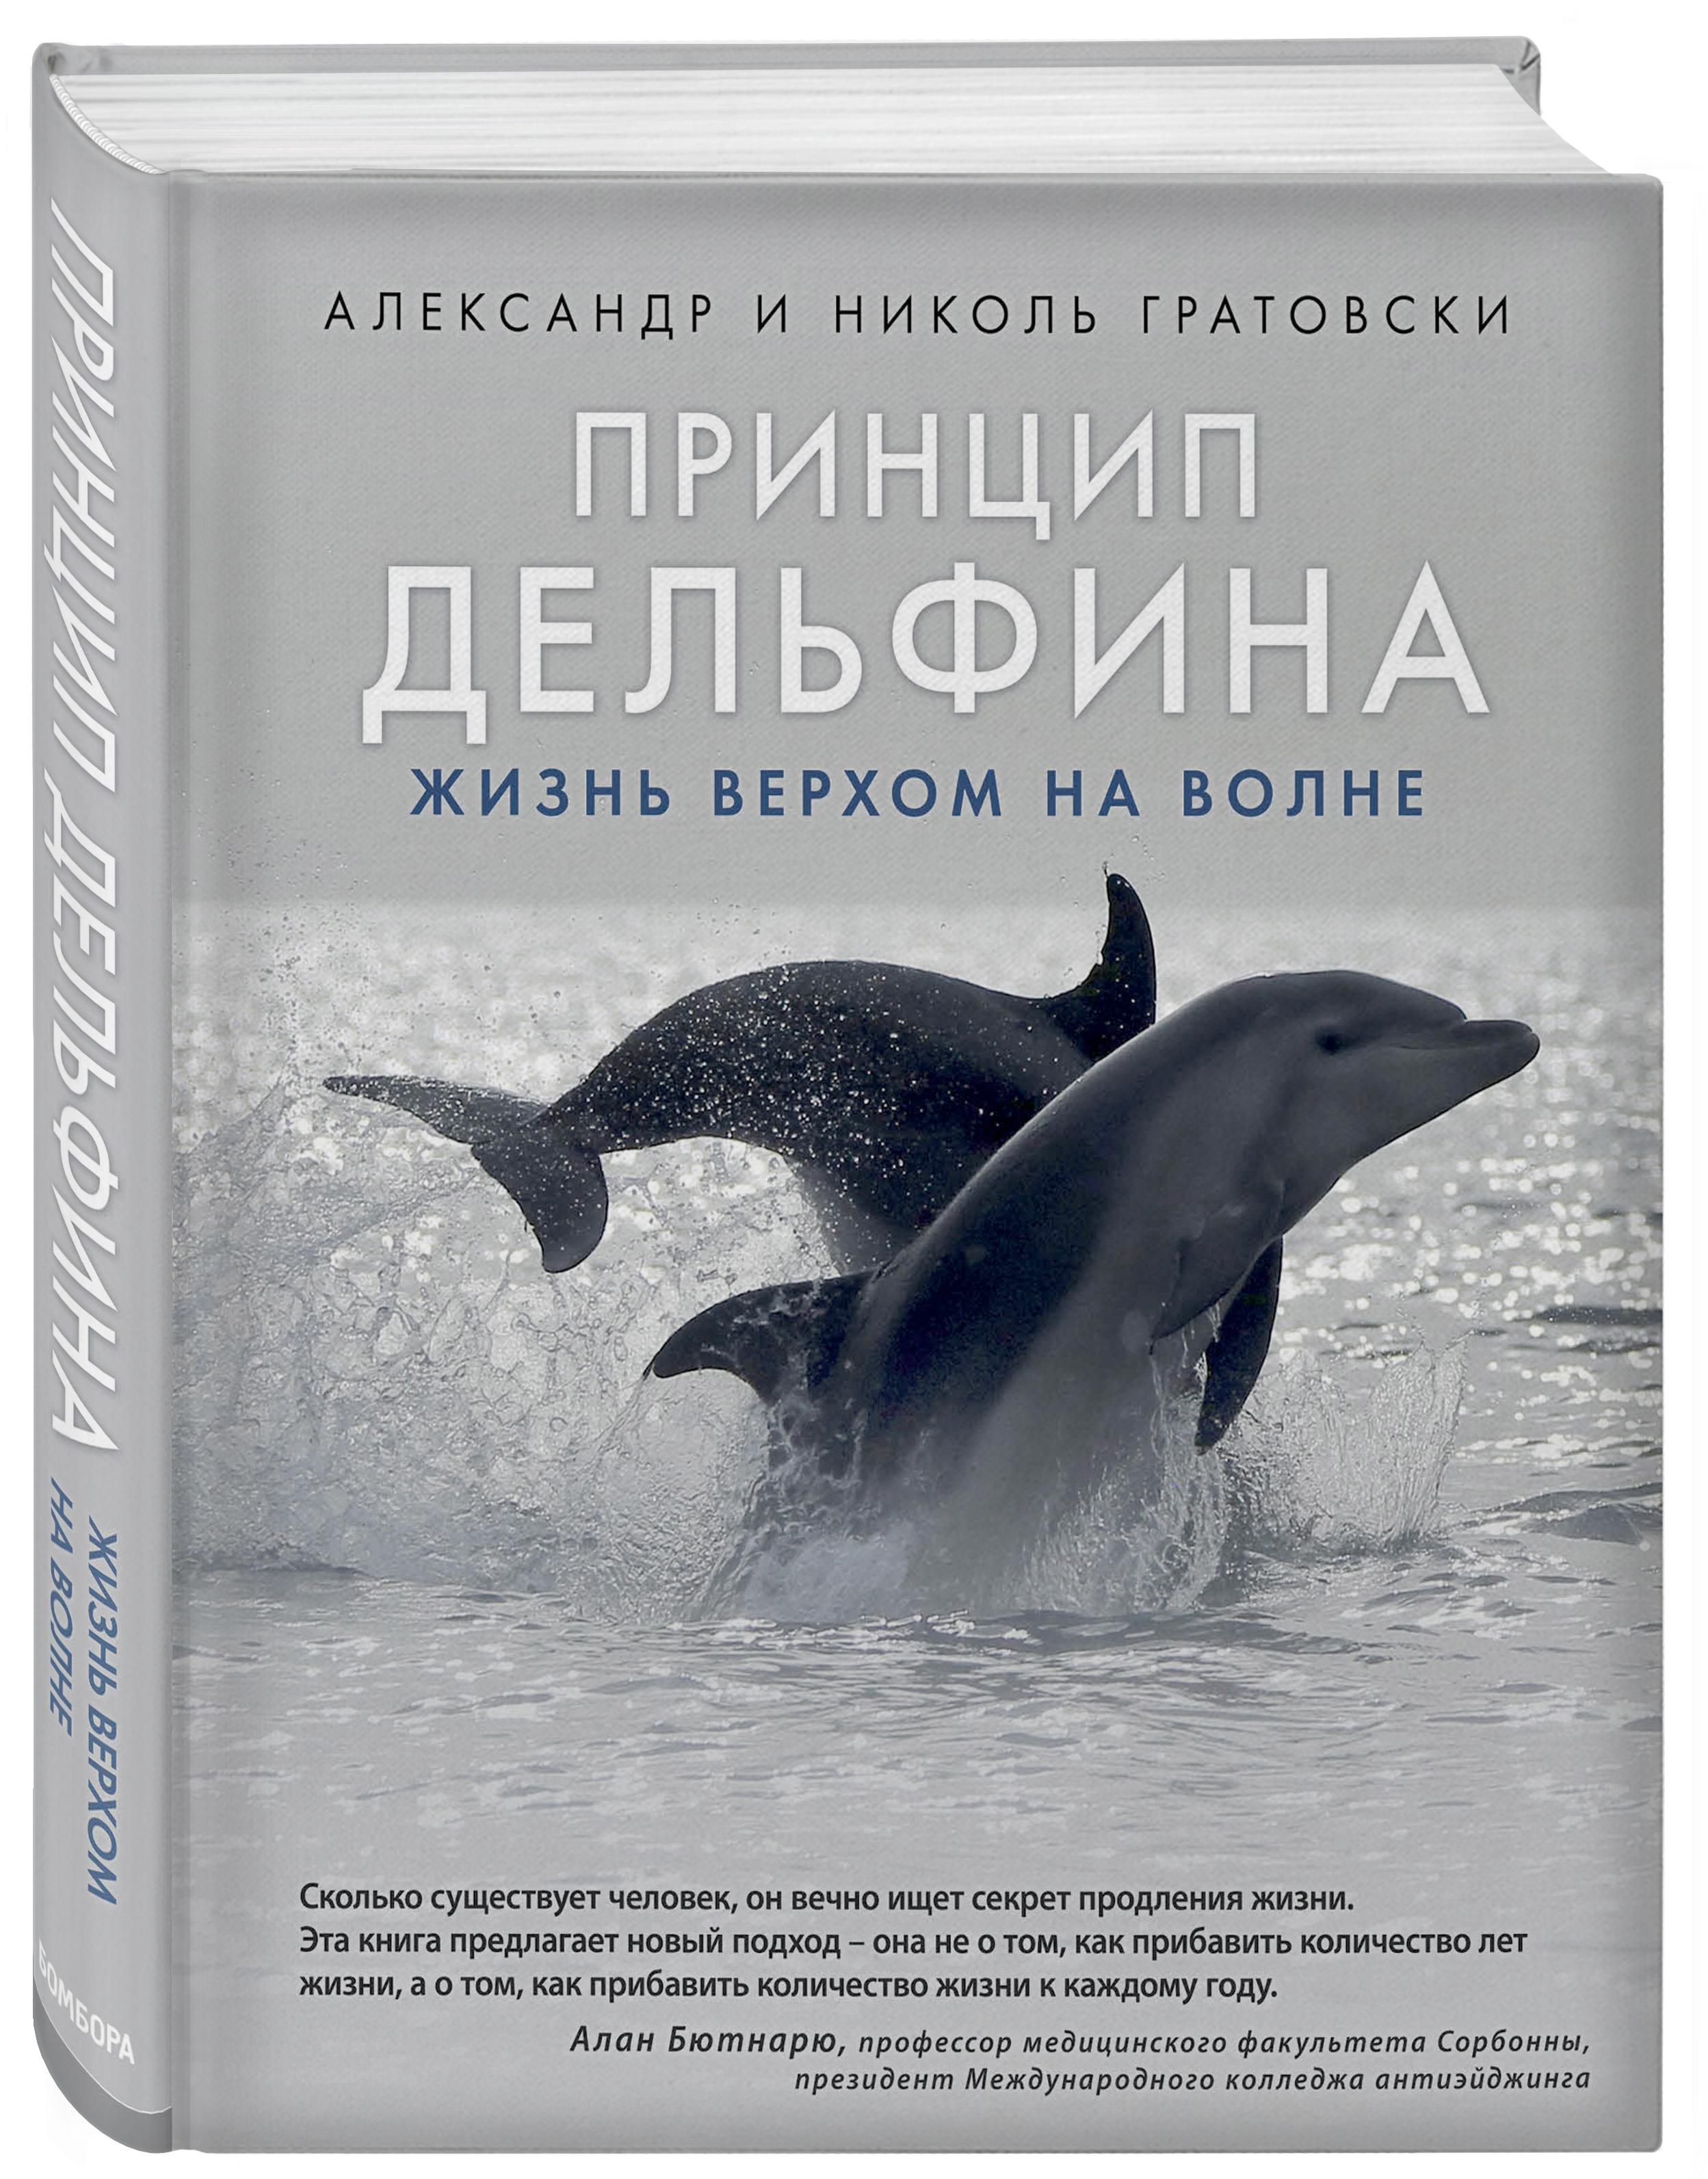 Александр и Николь Гратовски Принцип дельфина: жизнь верхом на волне